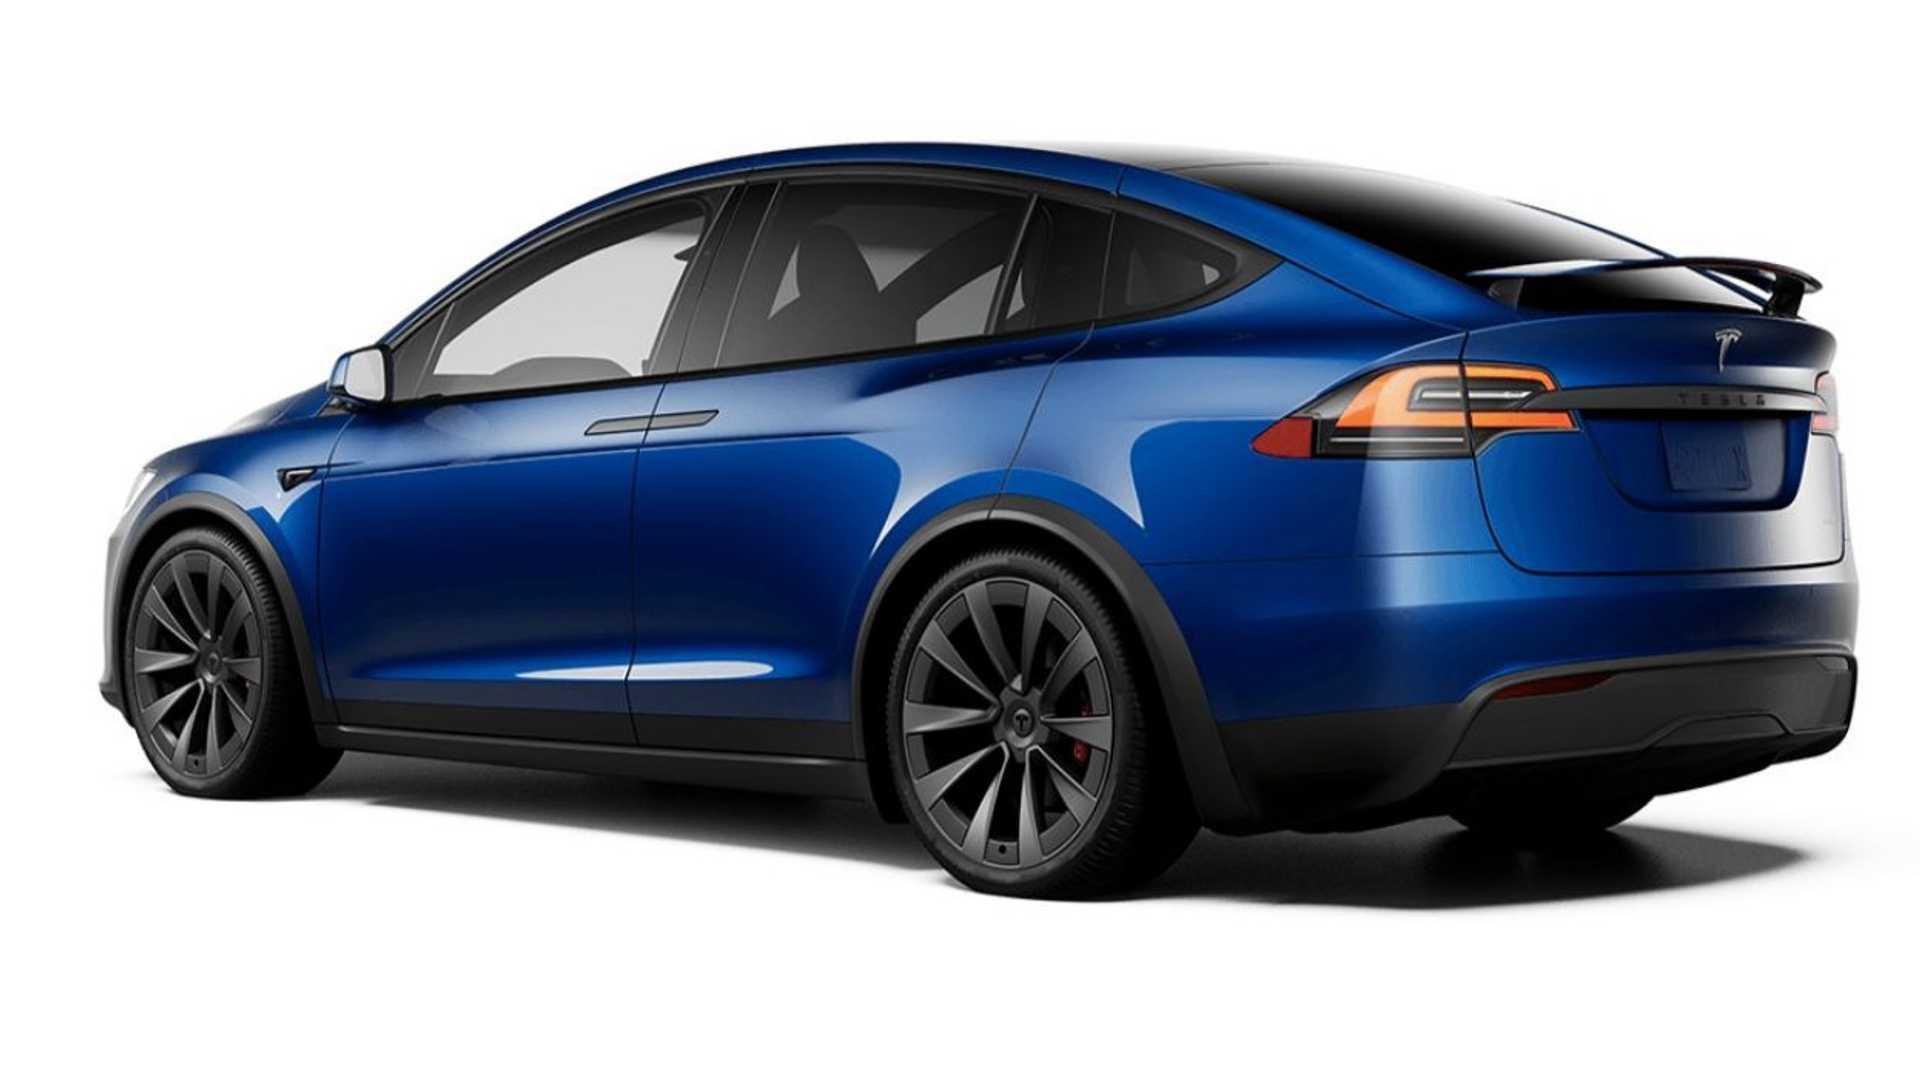 Электрический кроссовер Tesla Model X получил обновления (фото) 3